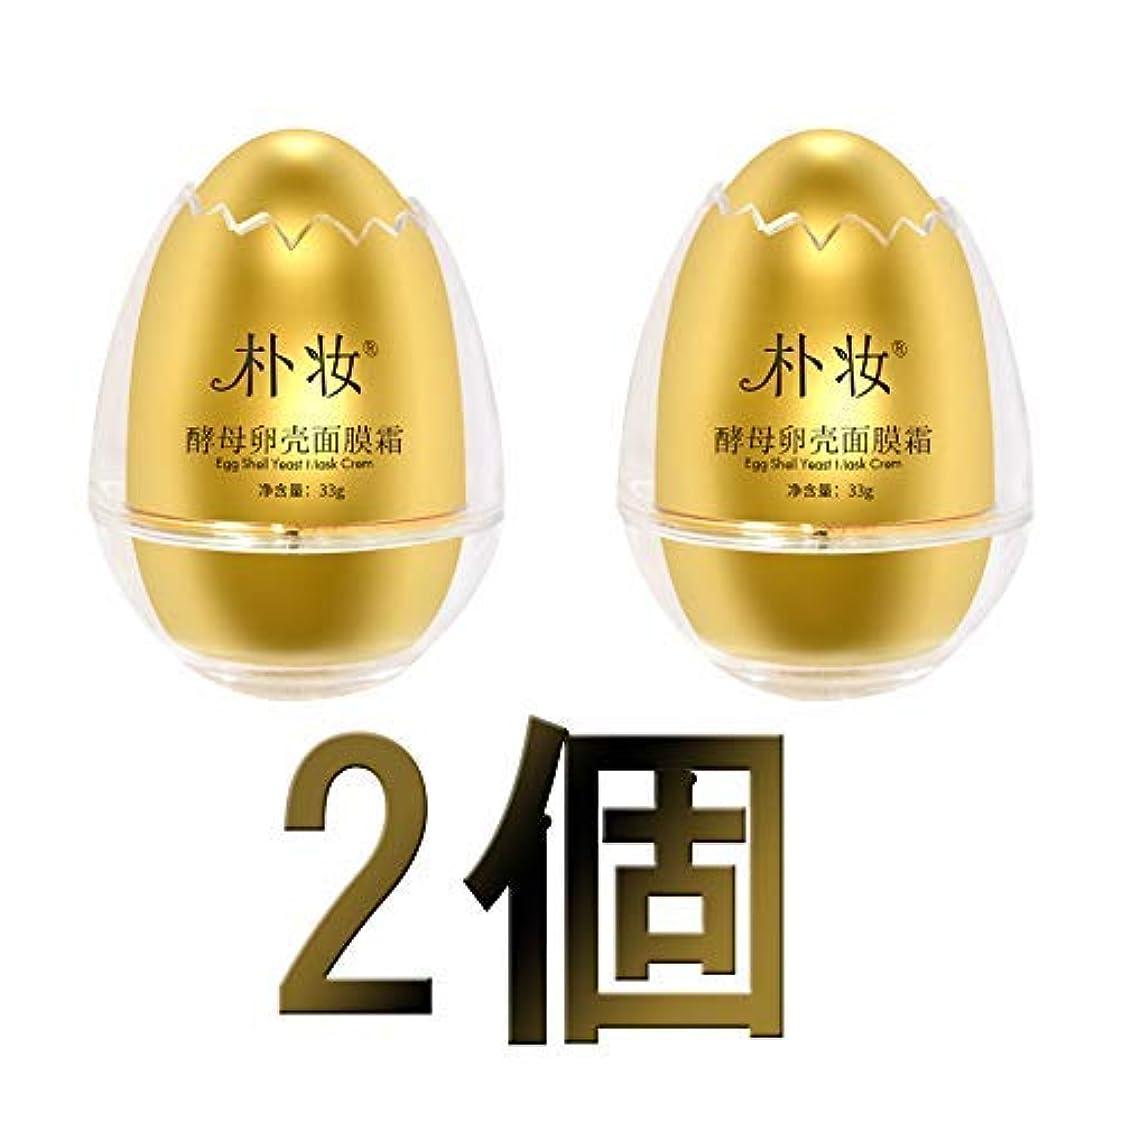 出くわす虚弱面積朴妆たんたんパックx2個 酵母卵殻マスククリーム33g しっとりと た肌,シュリンクポア,しわ耐性,肌を引っ張る、